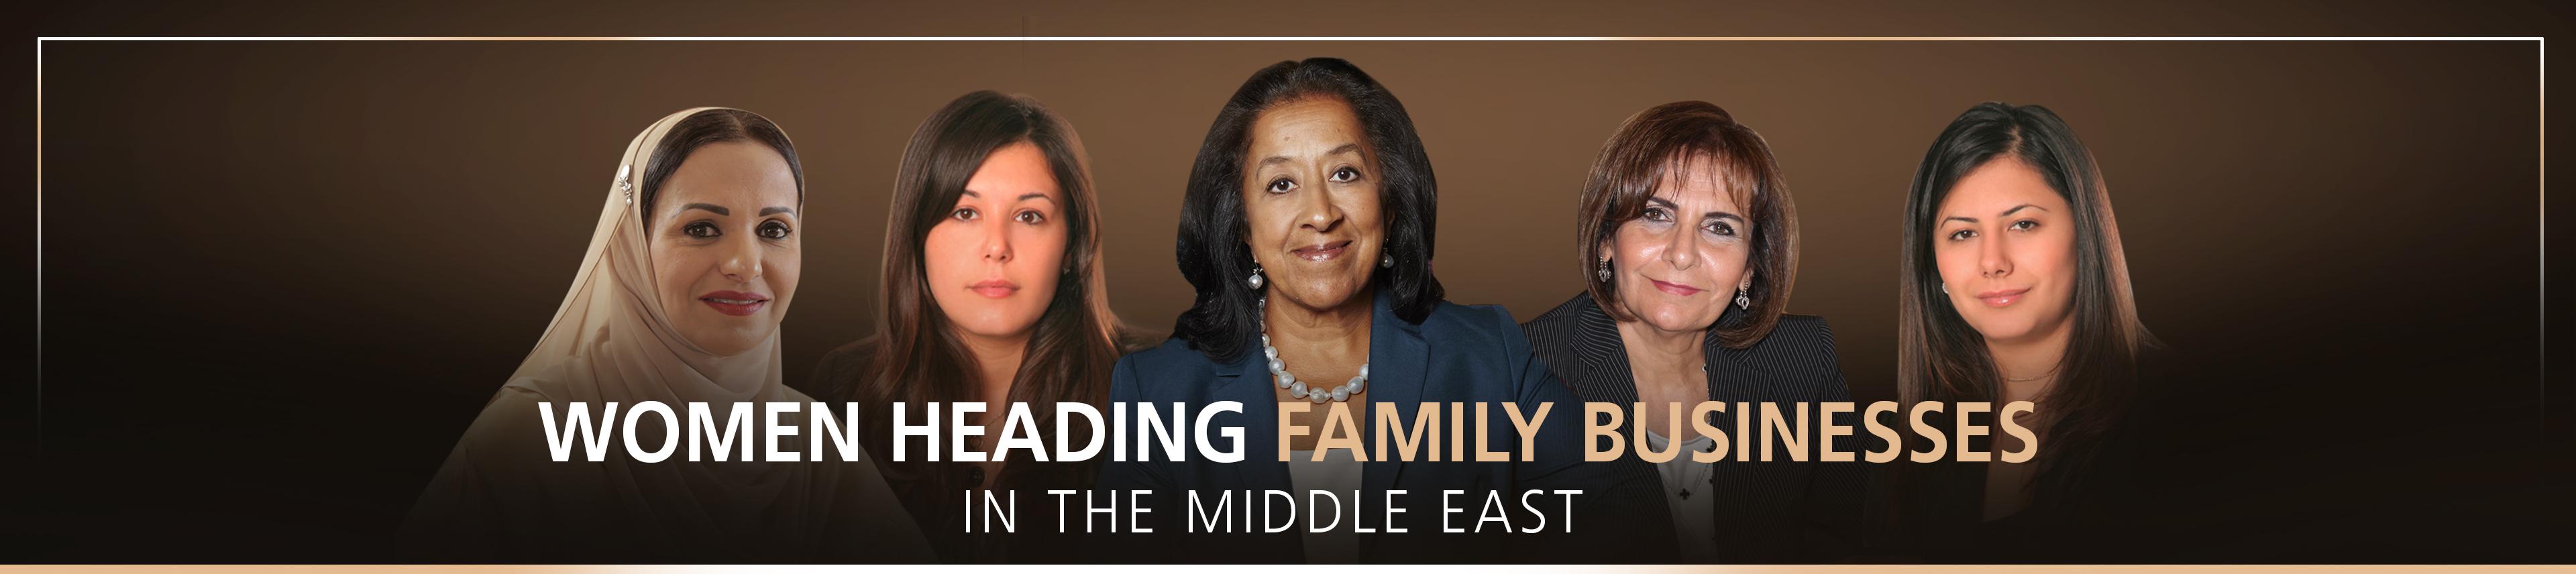 Women Heading Family Businesses